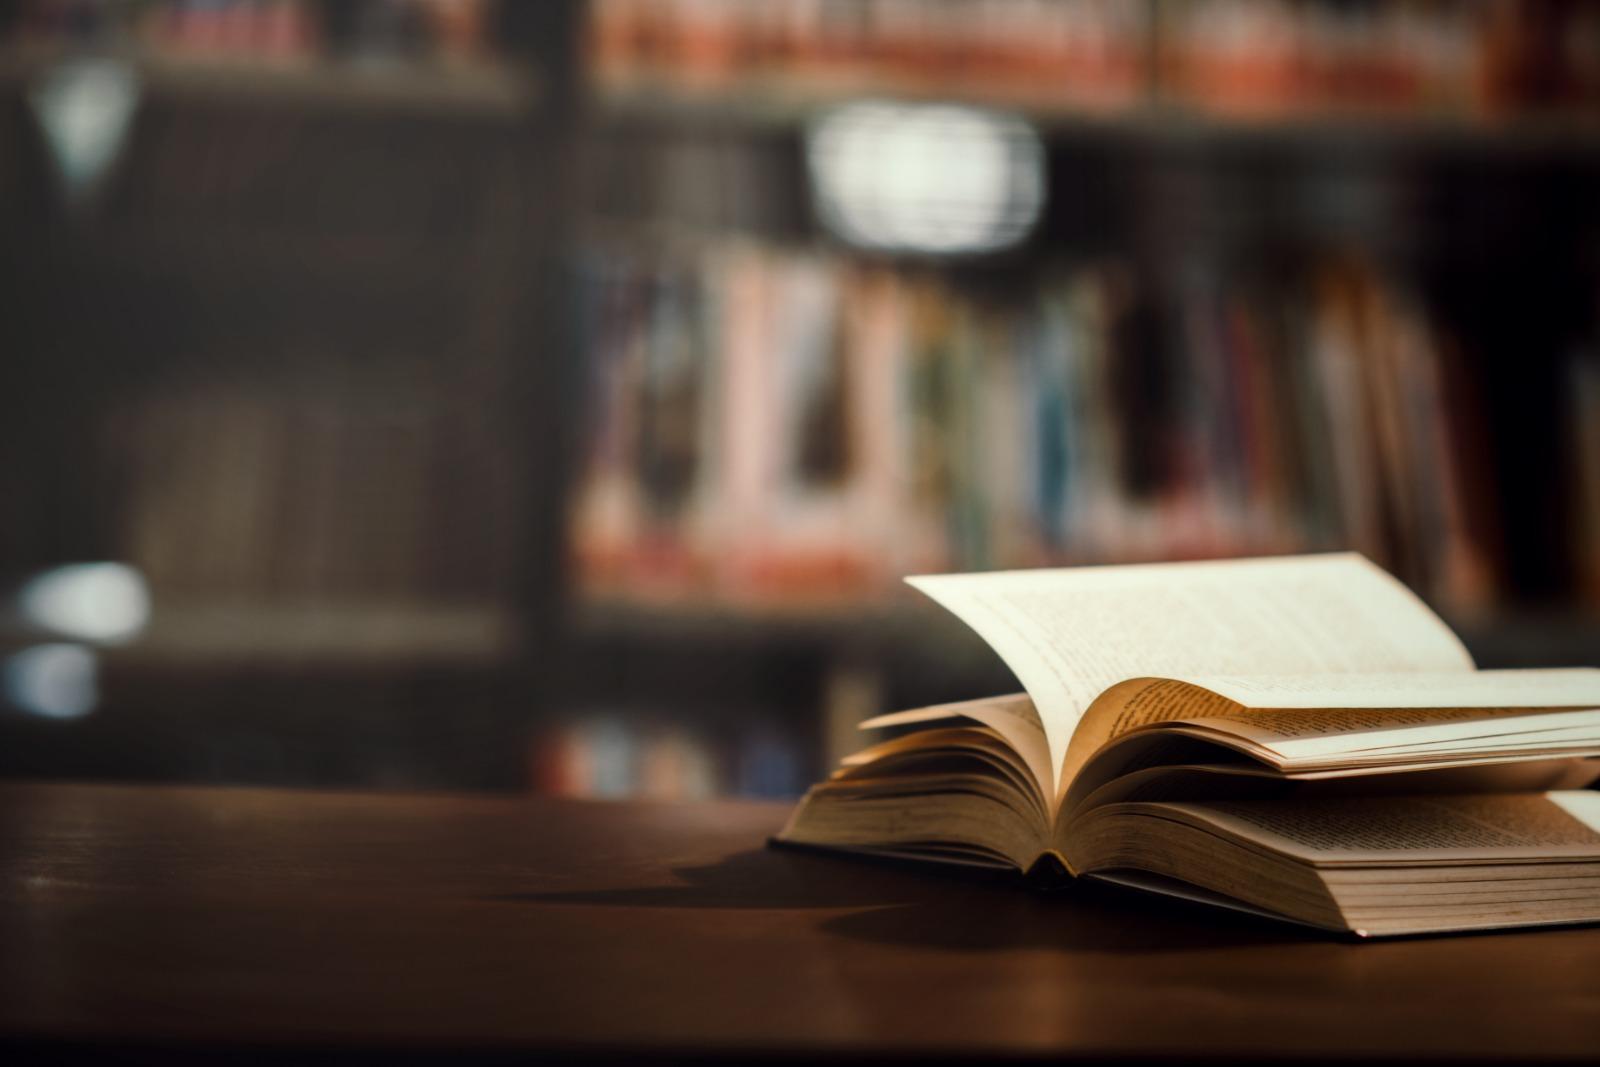 צילום ספר ברקע ספרייה